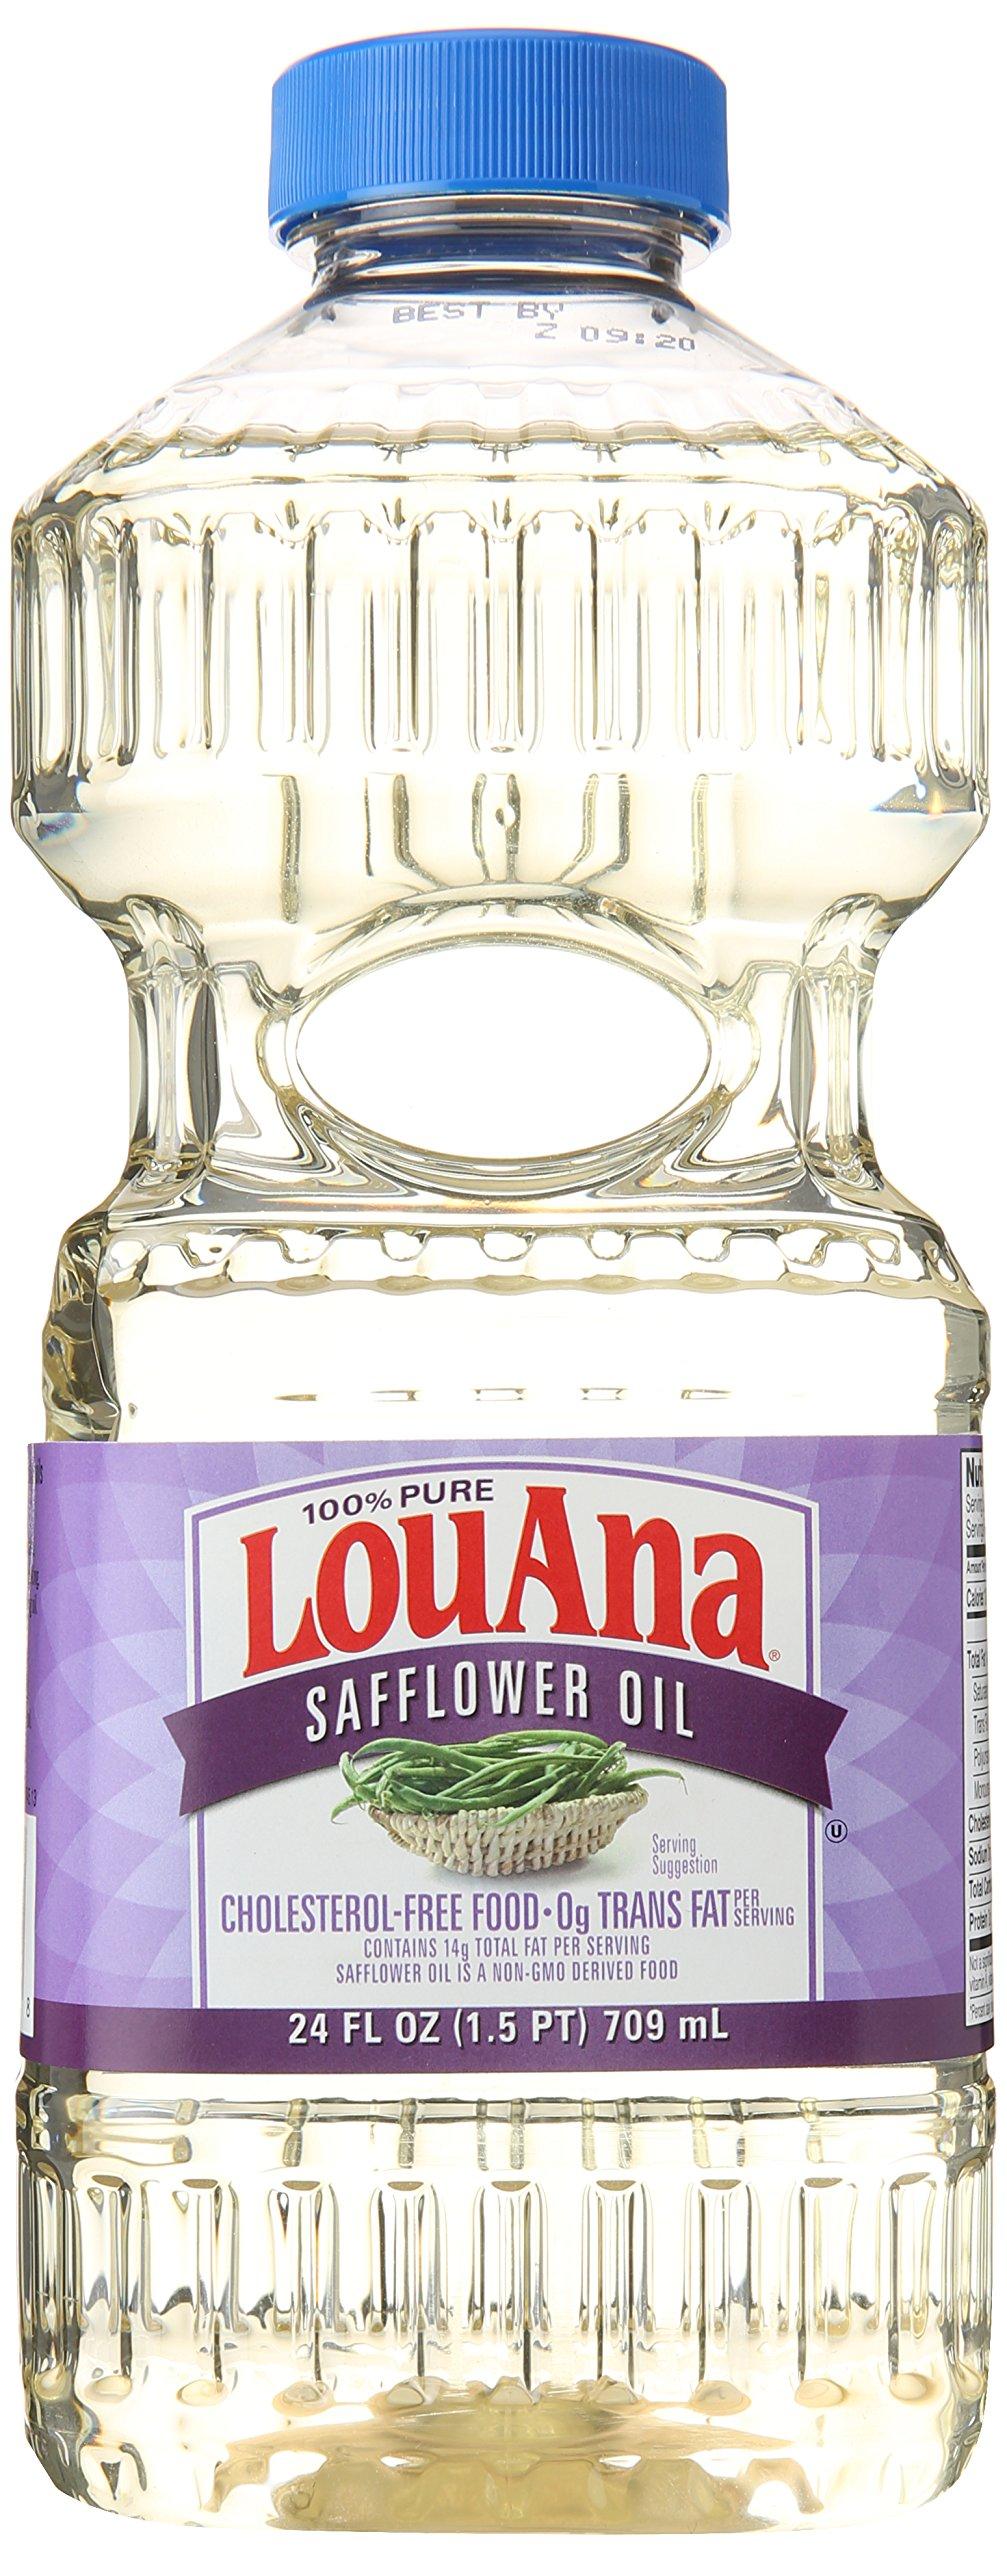 LouAna Pure Safflower Oil, 24 oz